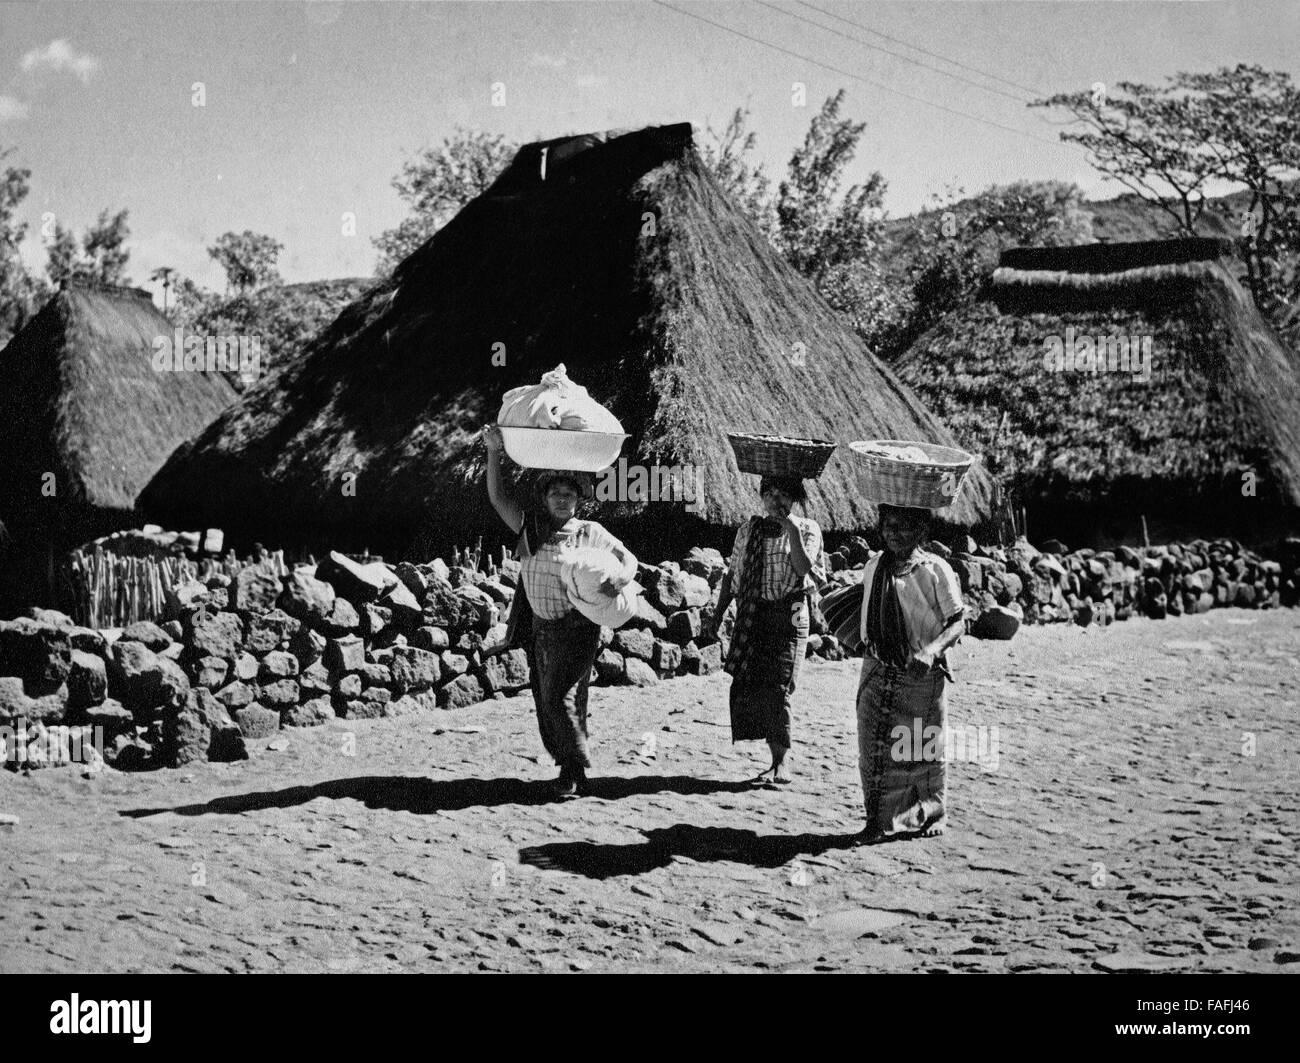 Frauen in Santiago Atitlan, Guatemala 1970er Jahre. Women of Santiago Atitlan, Guatemala 1970s. - Stock Image